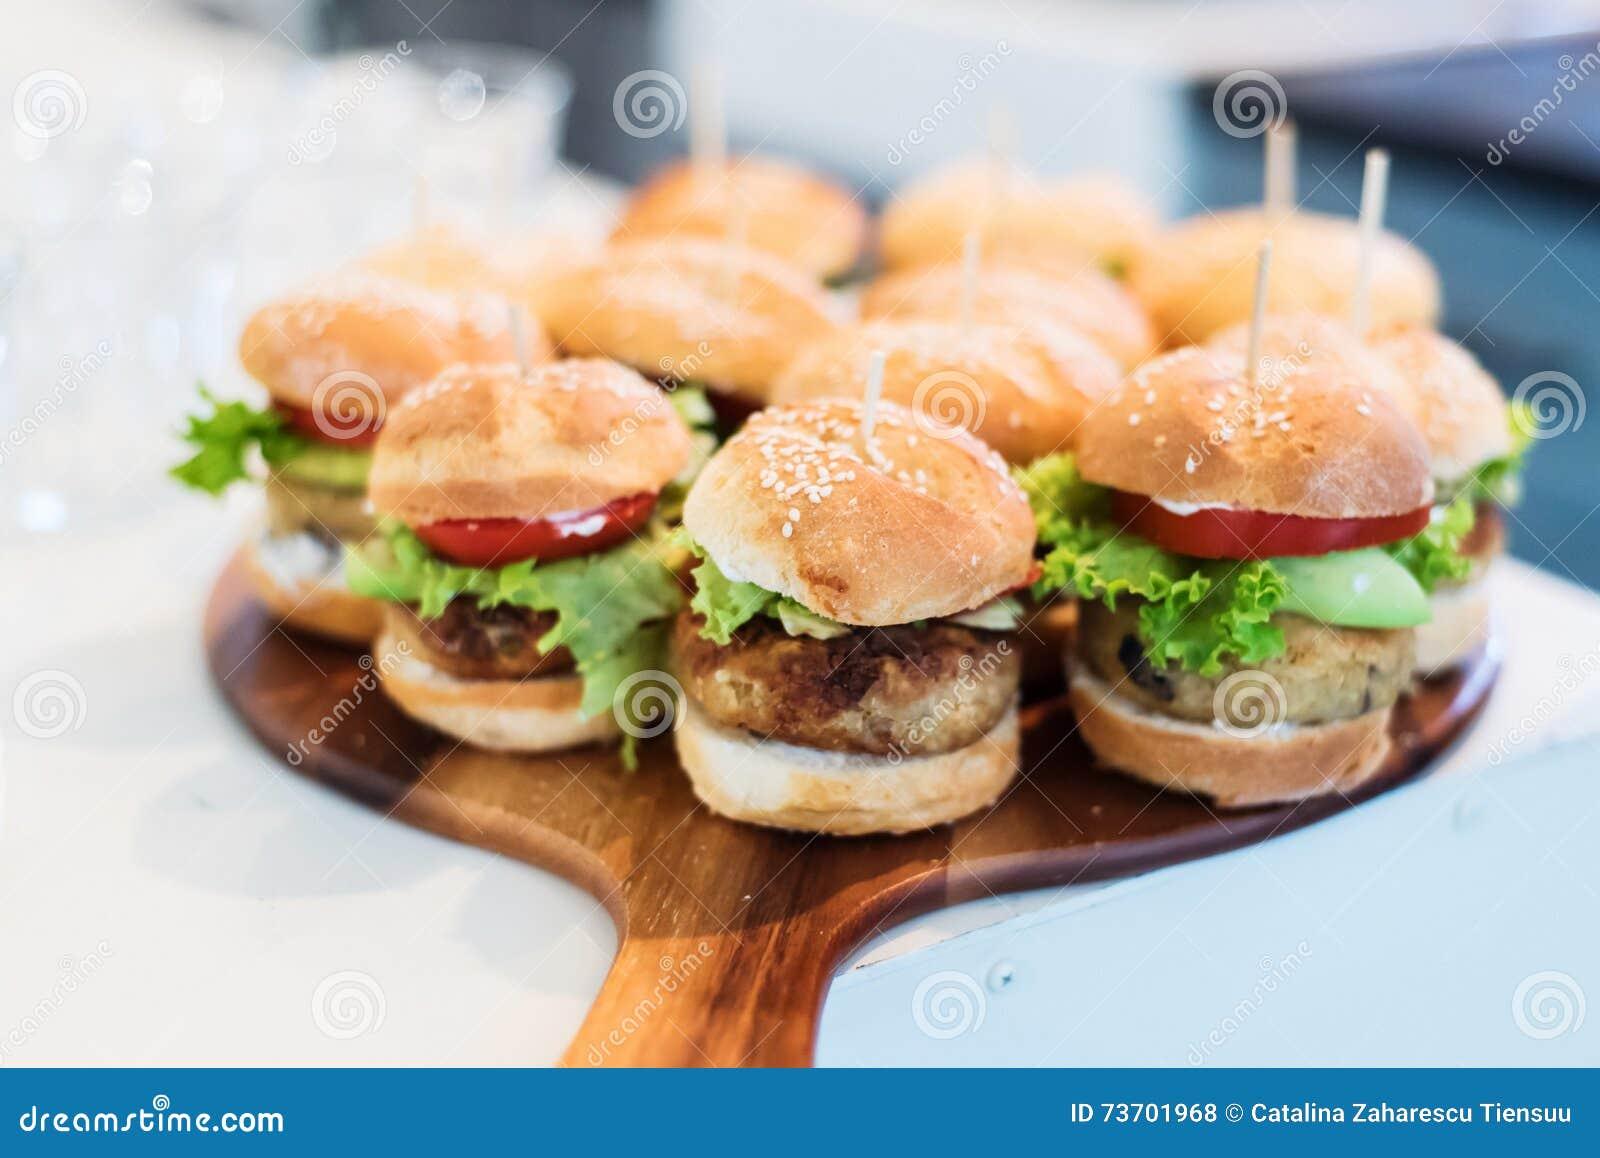 Miniquinoaburger des strengen Vegetariers